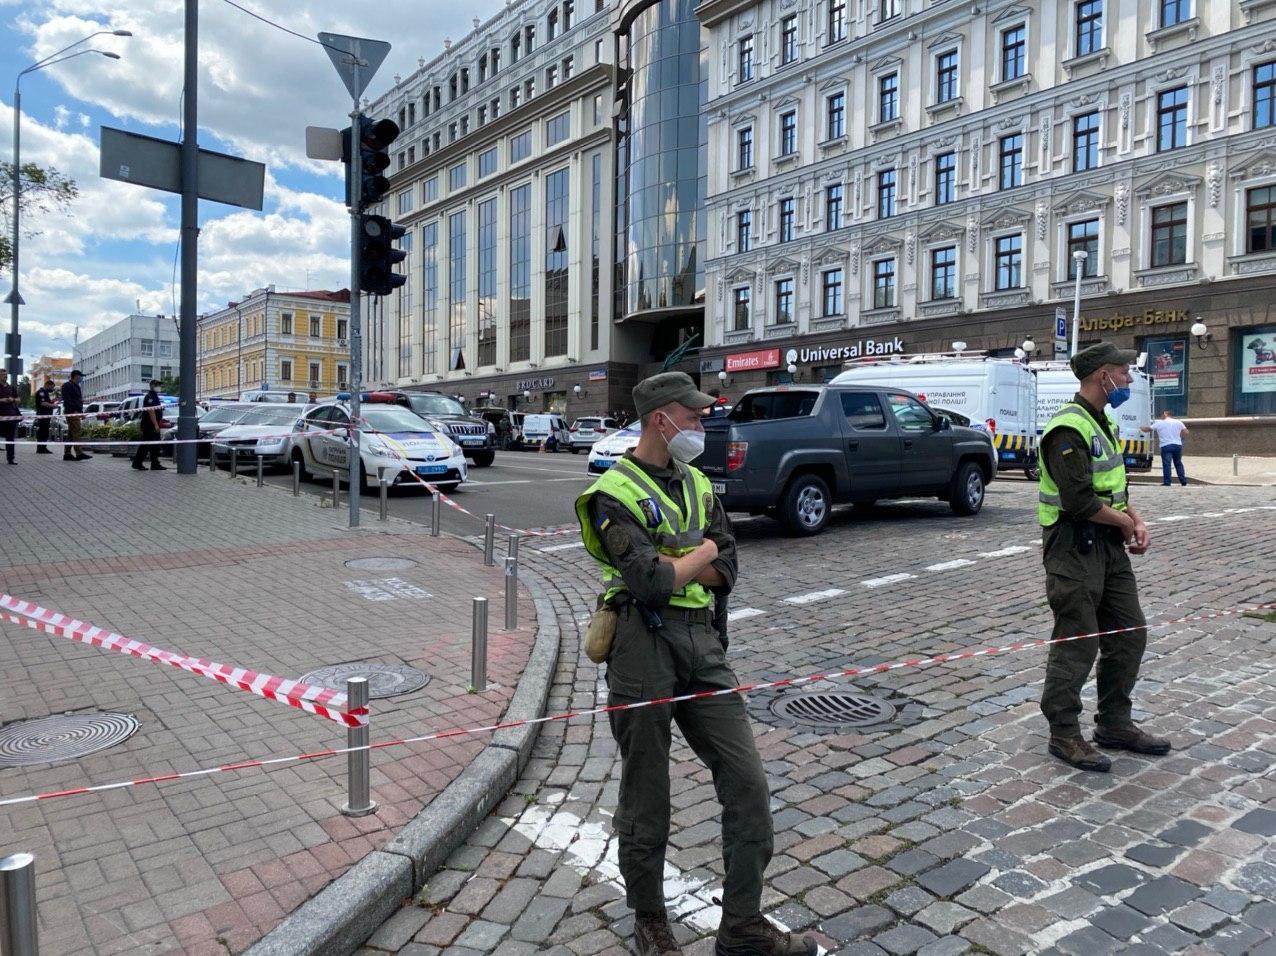 В центре Киева неизвестный угрожает взорвать банк